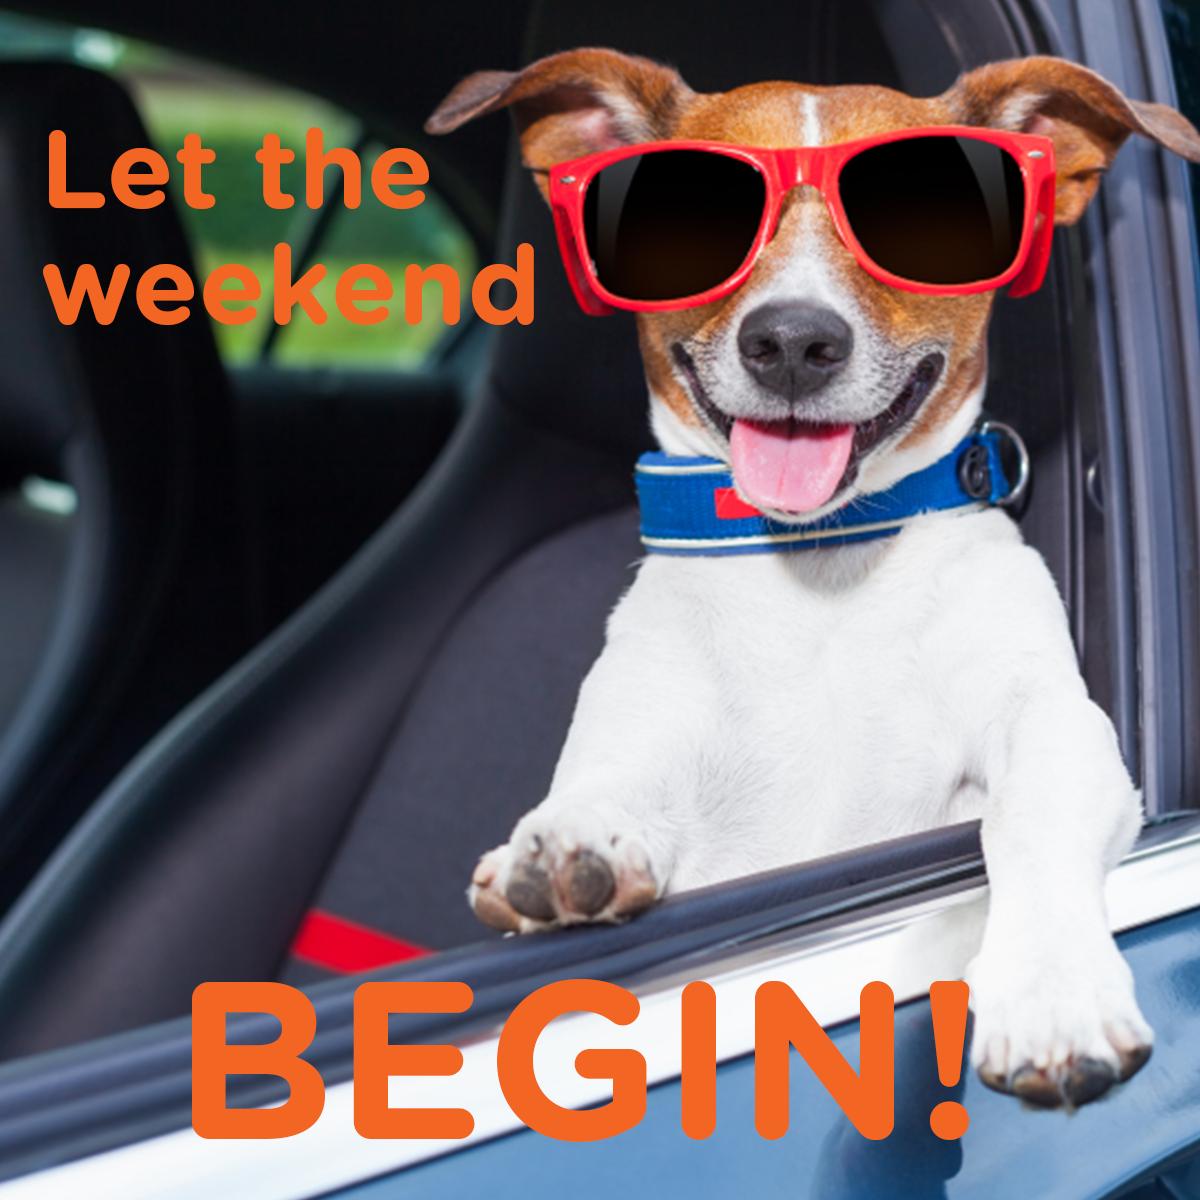 Let the weekend begin! Happy Memorial Day Weekend